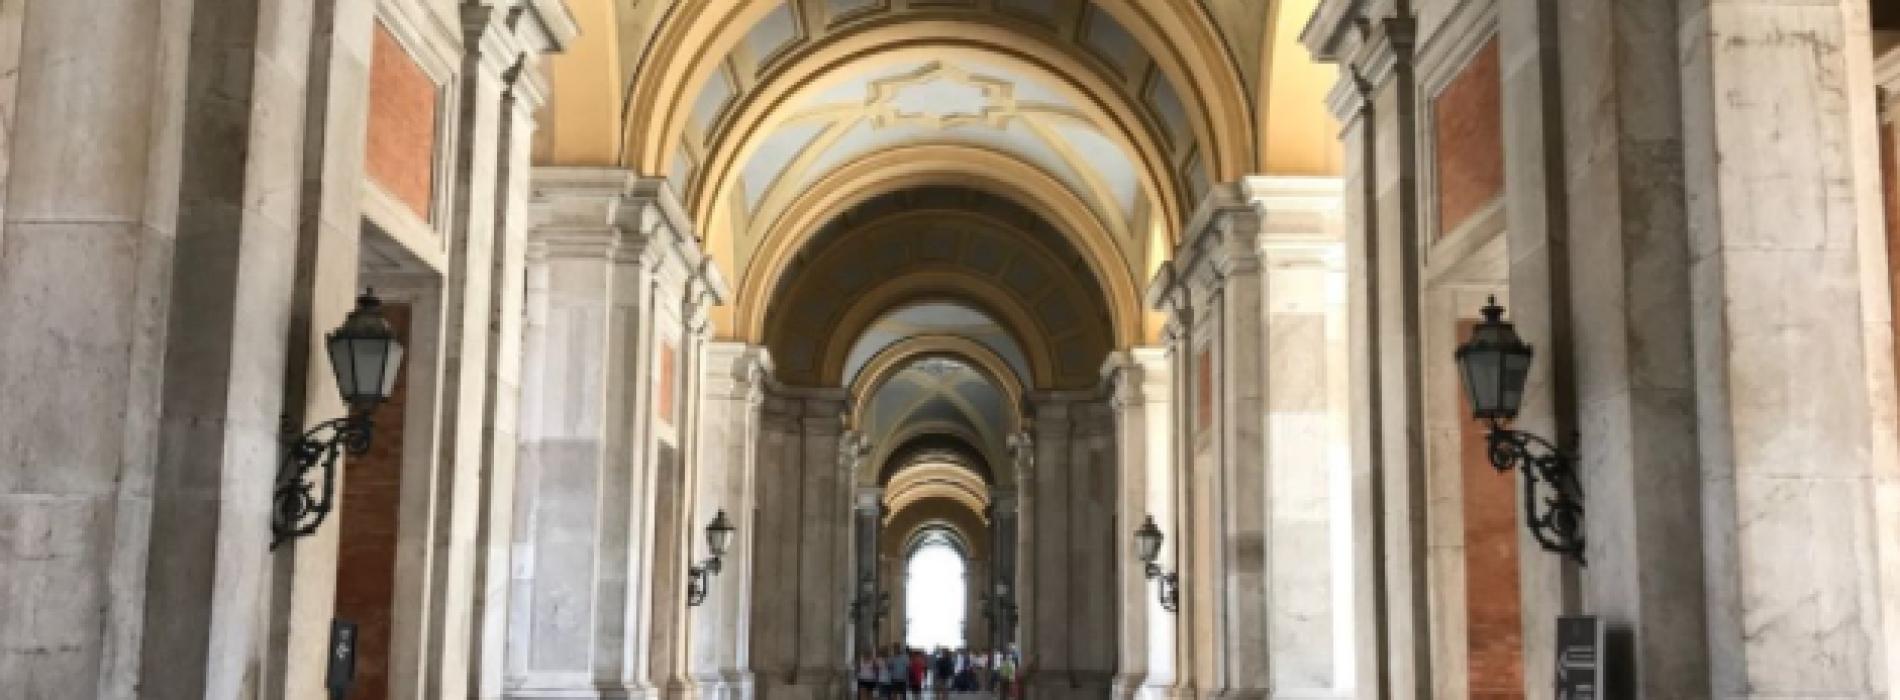 Divina reggia l 39 architettura italiana va sulle tracce di for Architettura italiana